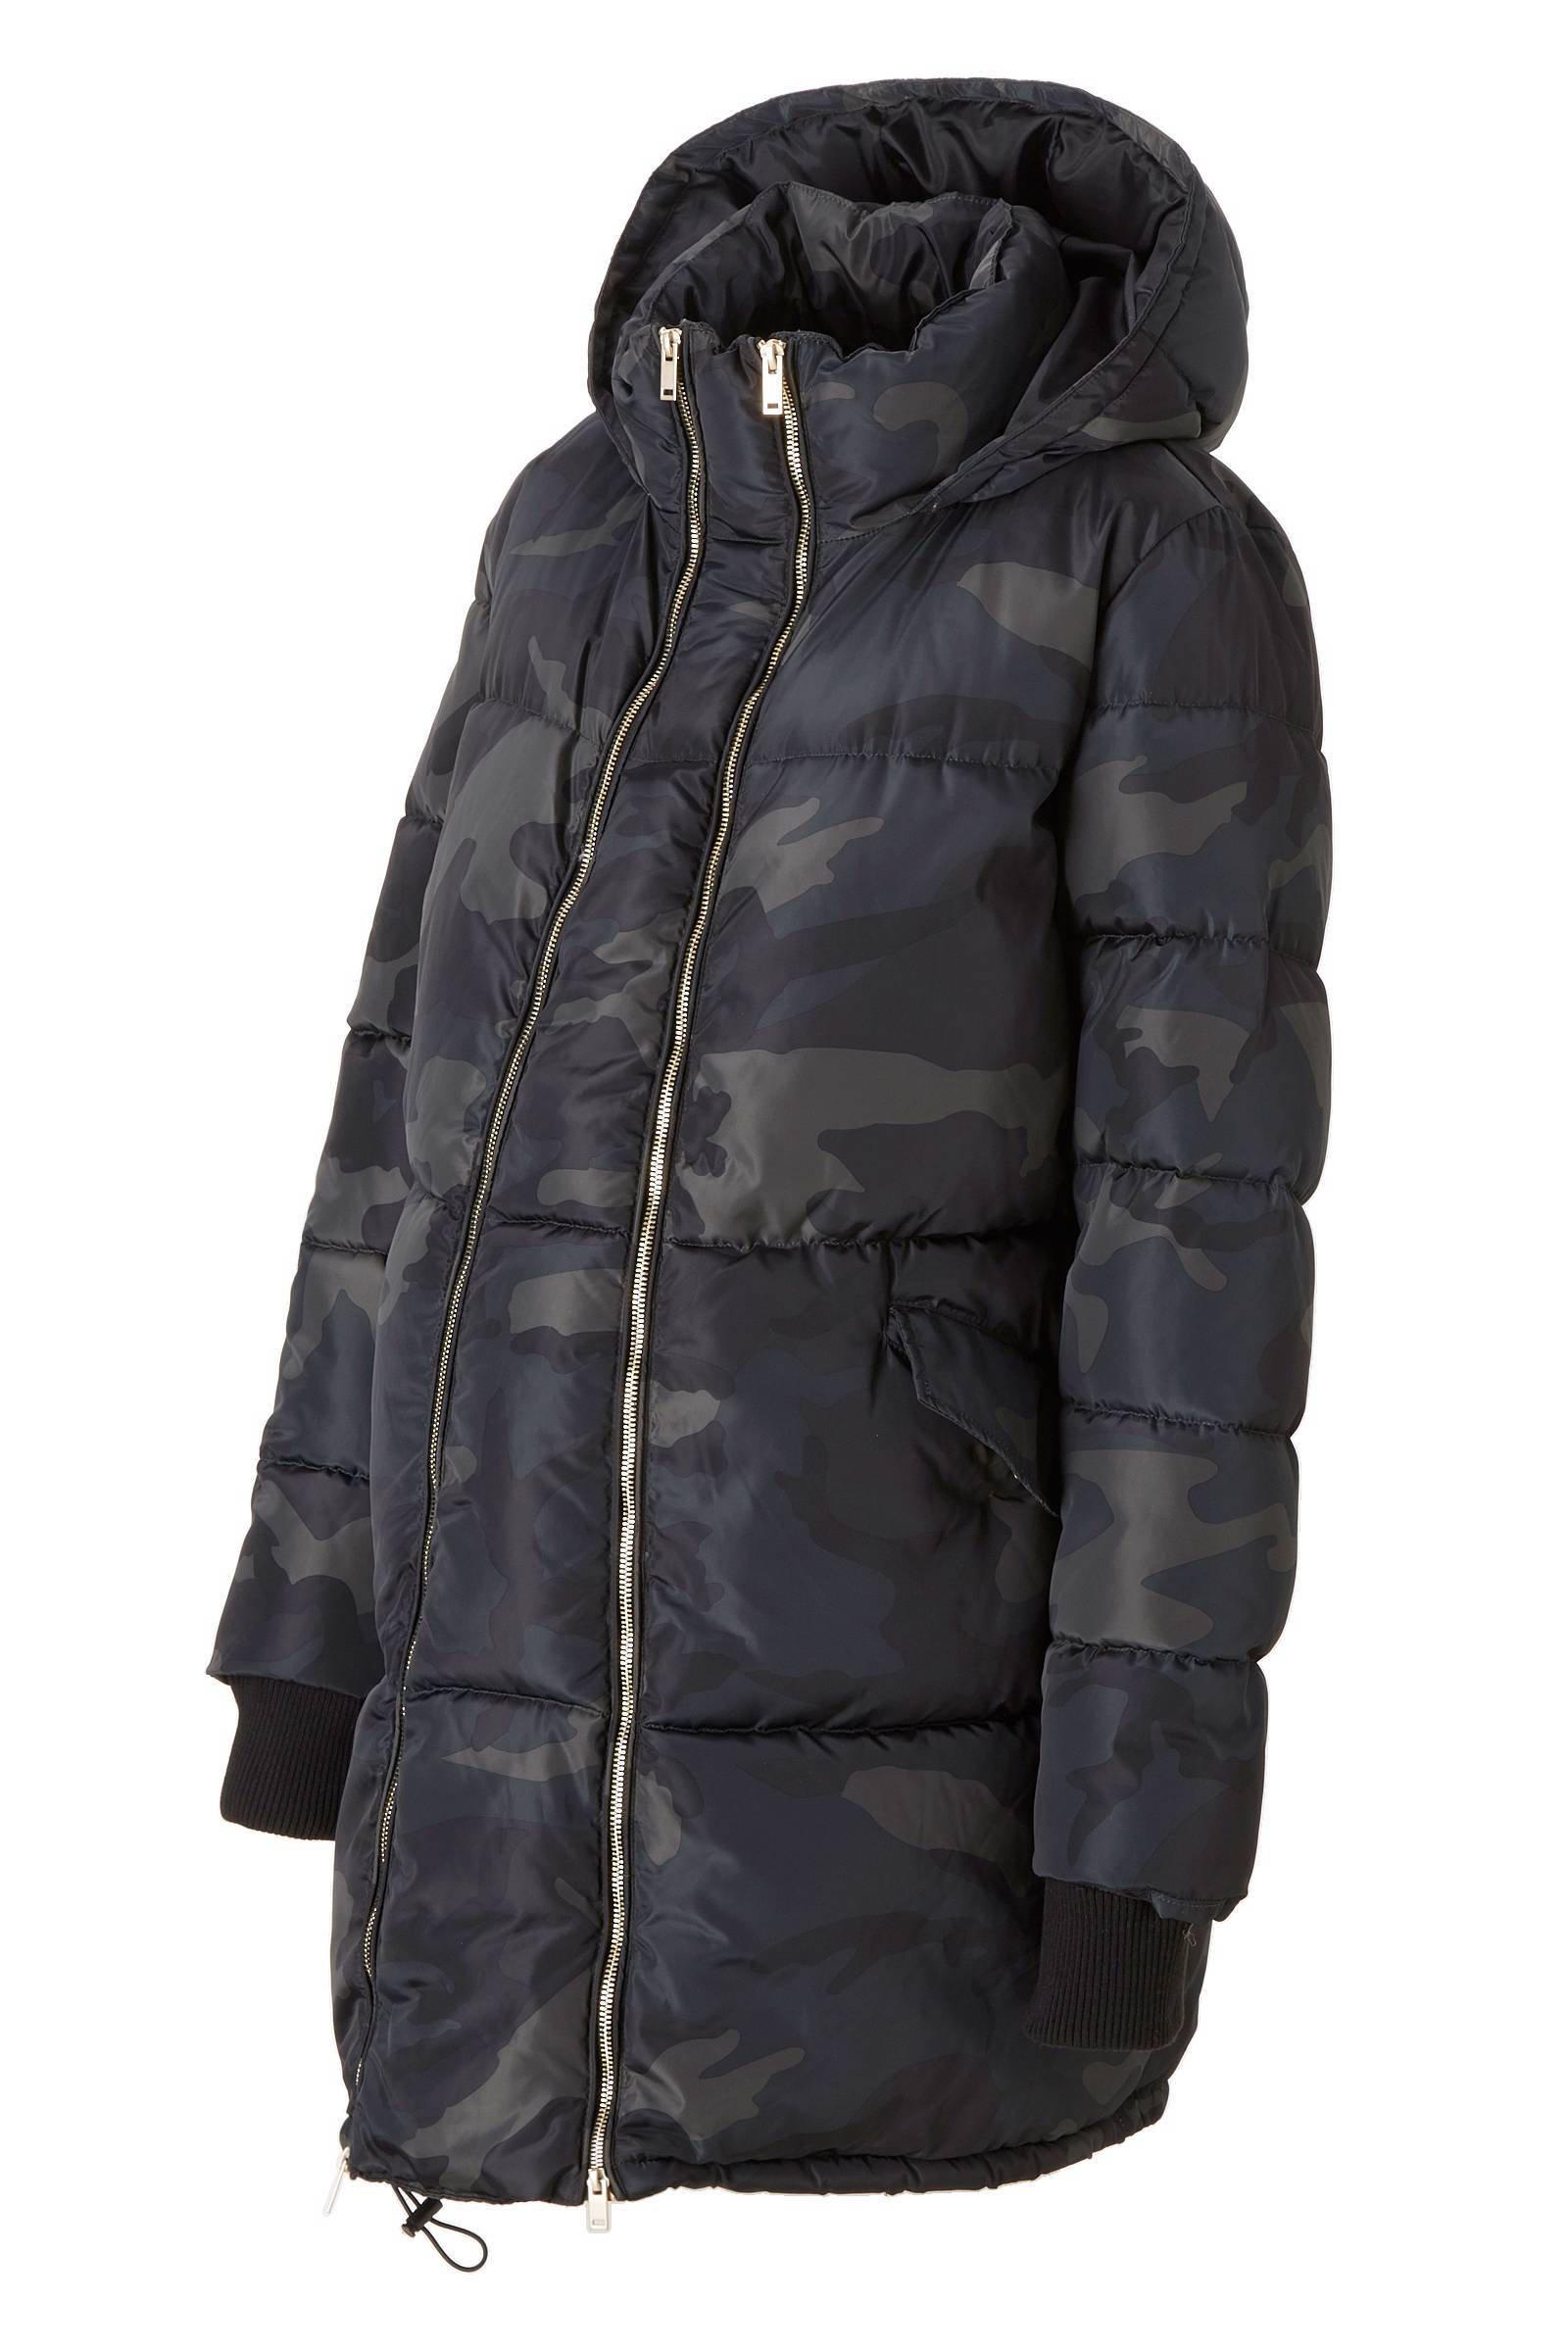 jassen voor de winter